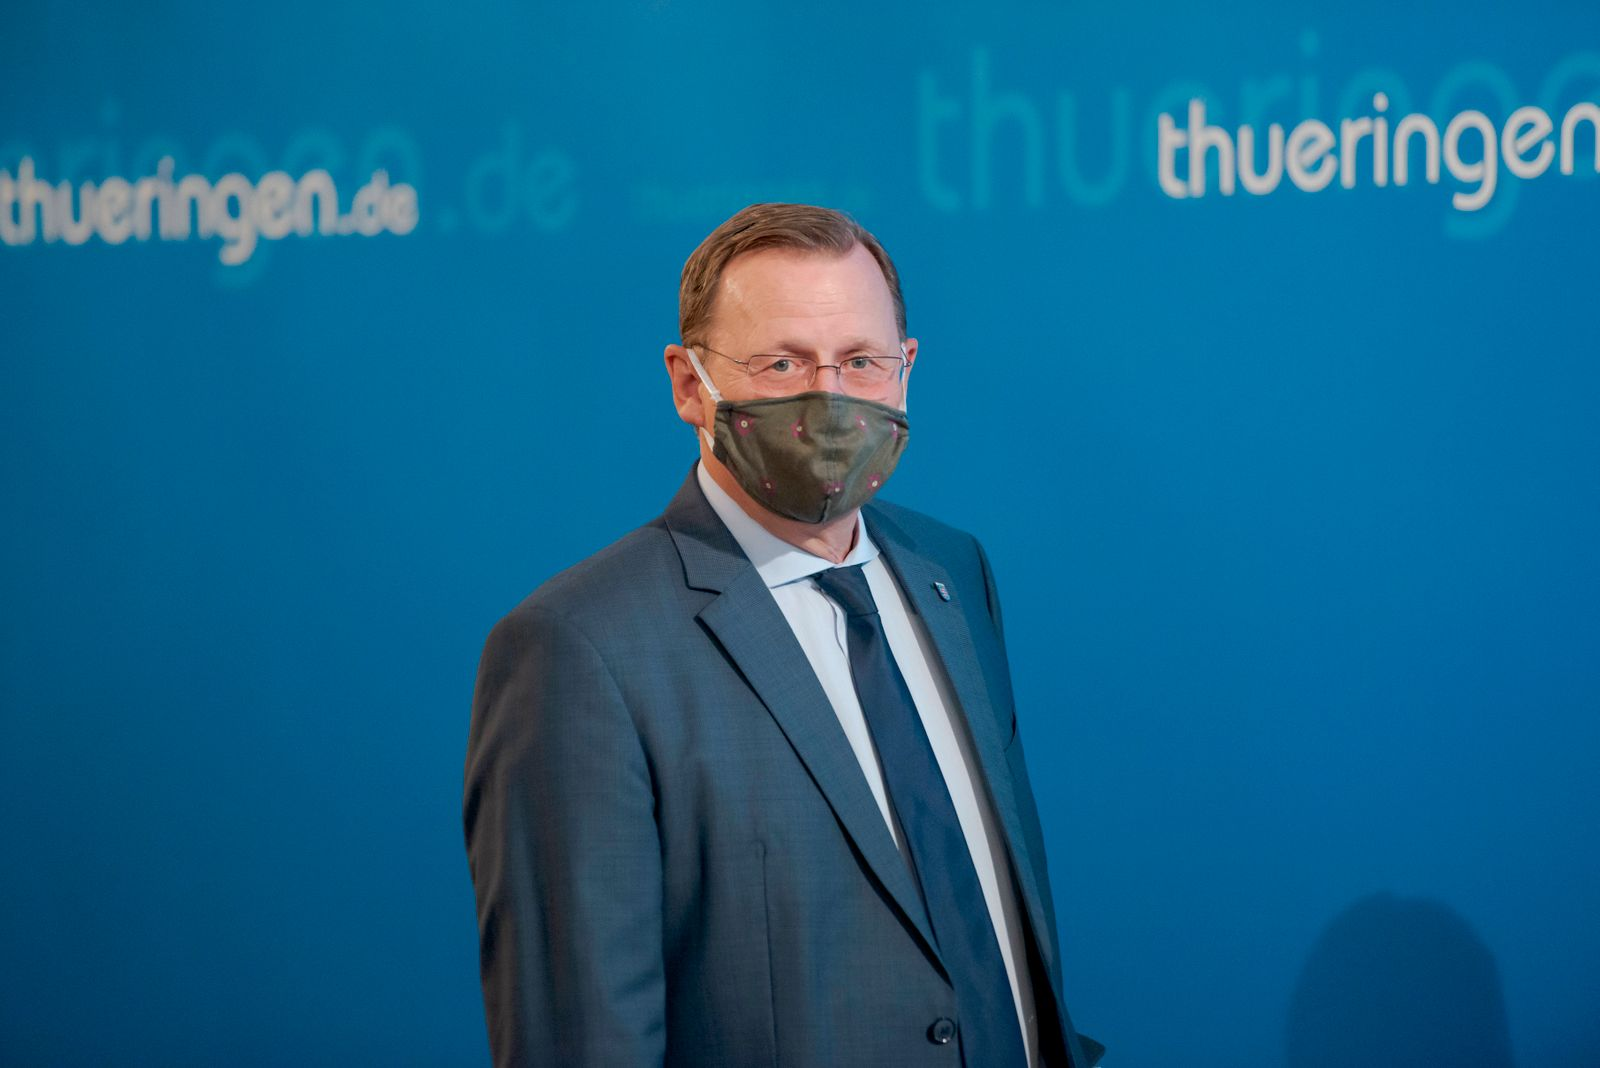 PRESSEKONFERENZ - SITZUNG THÜRINGER LANDESREGIERUNG MIT KIRCHEN 25/05/2020 - Erfurt: Der Thüringer Ministerpräsident Bod